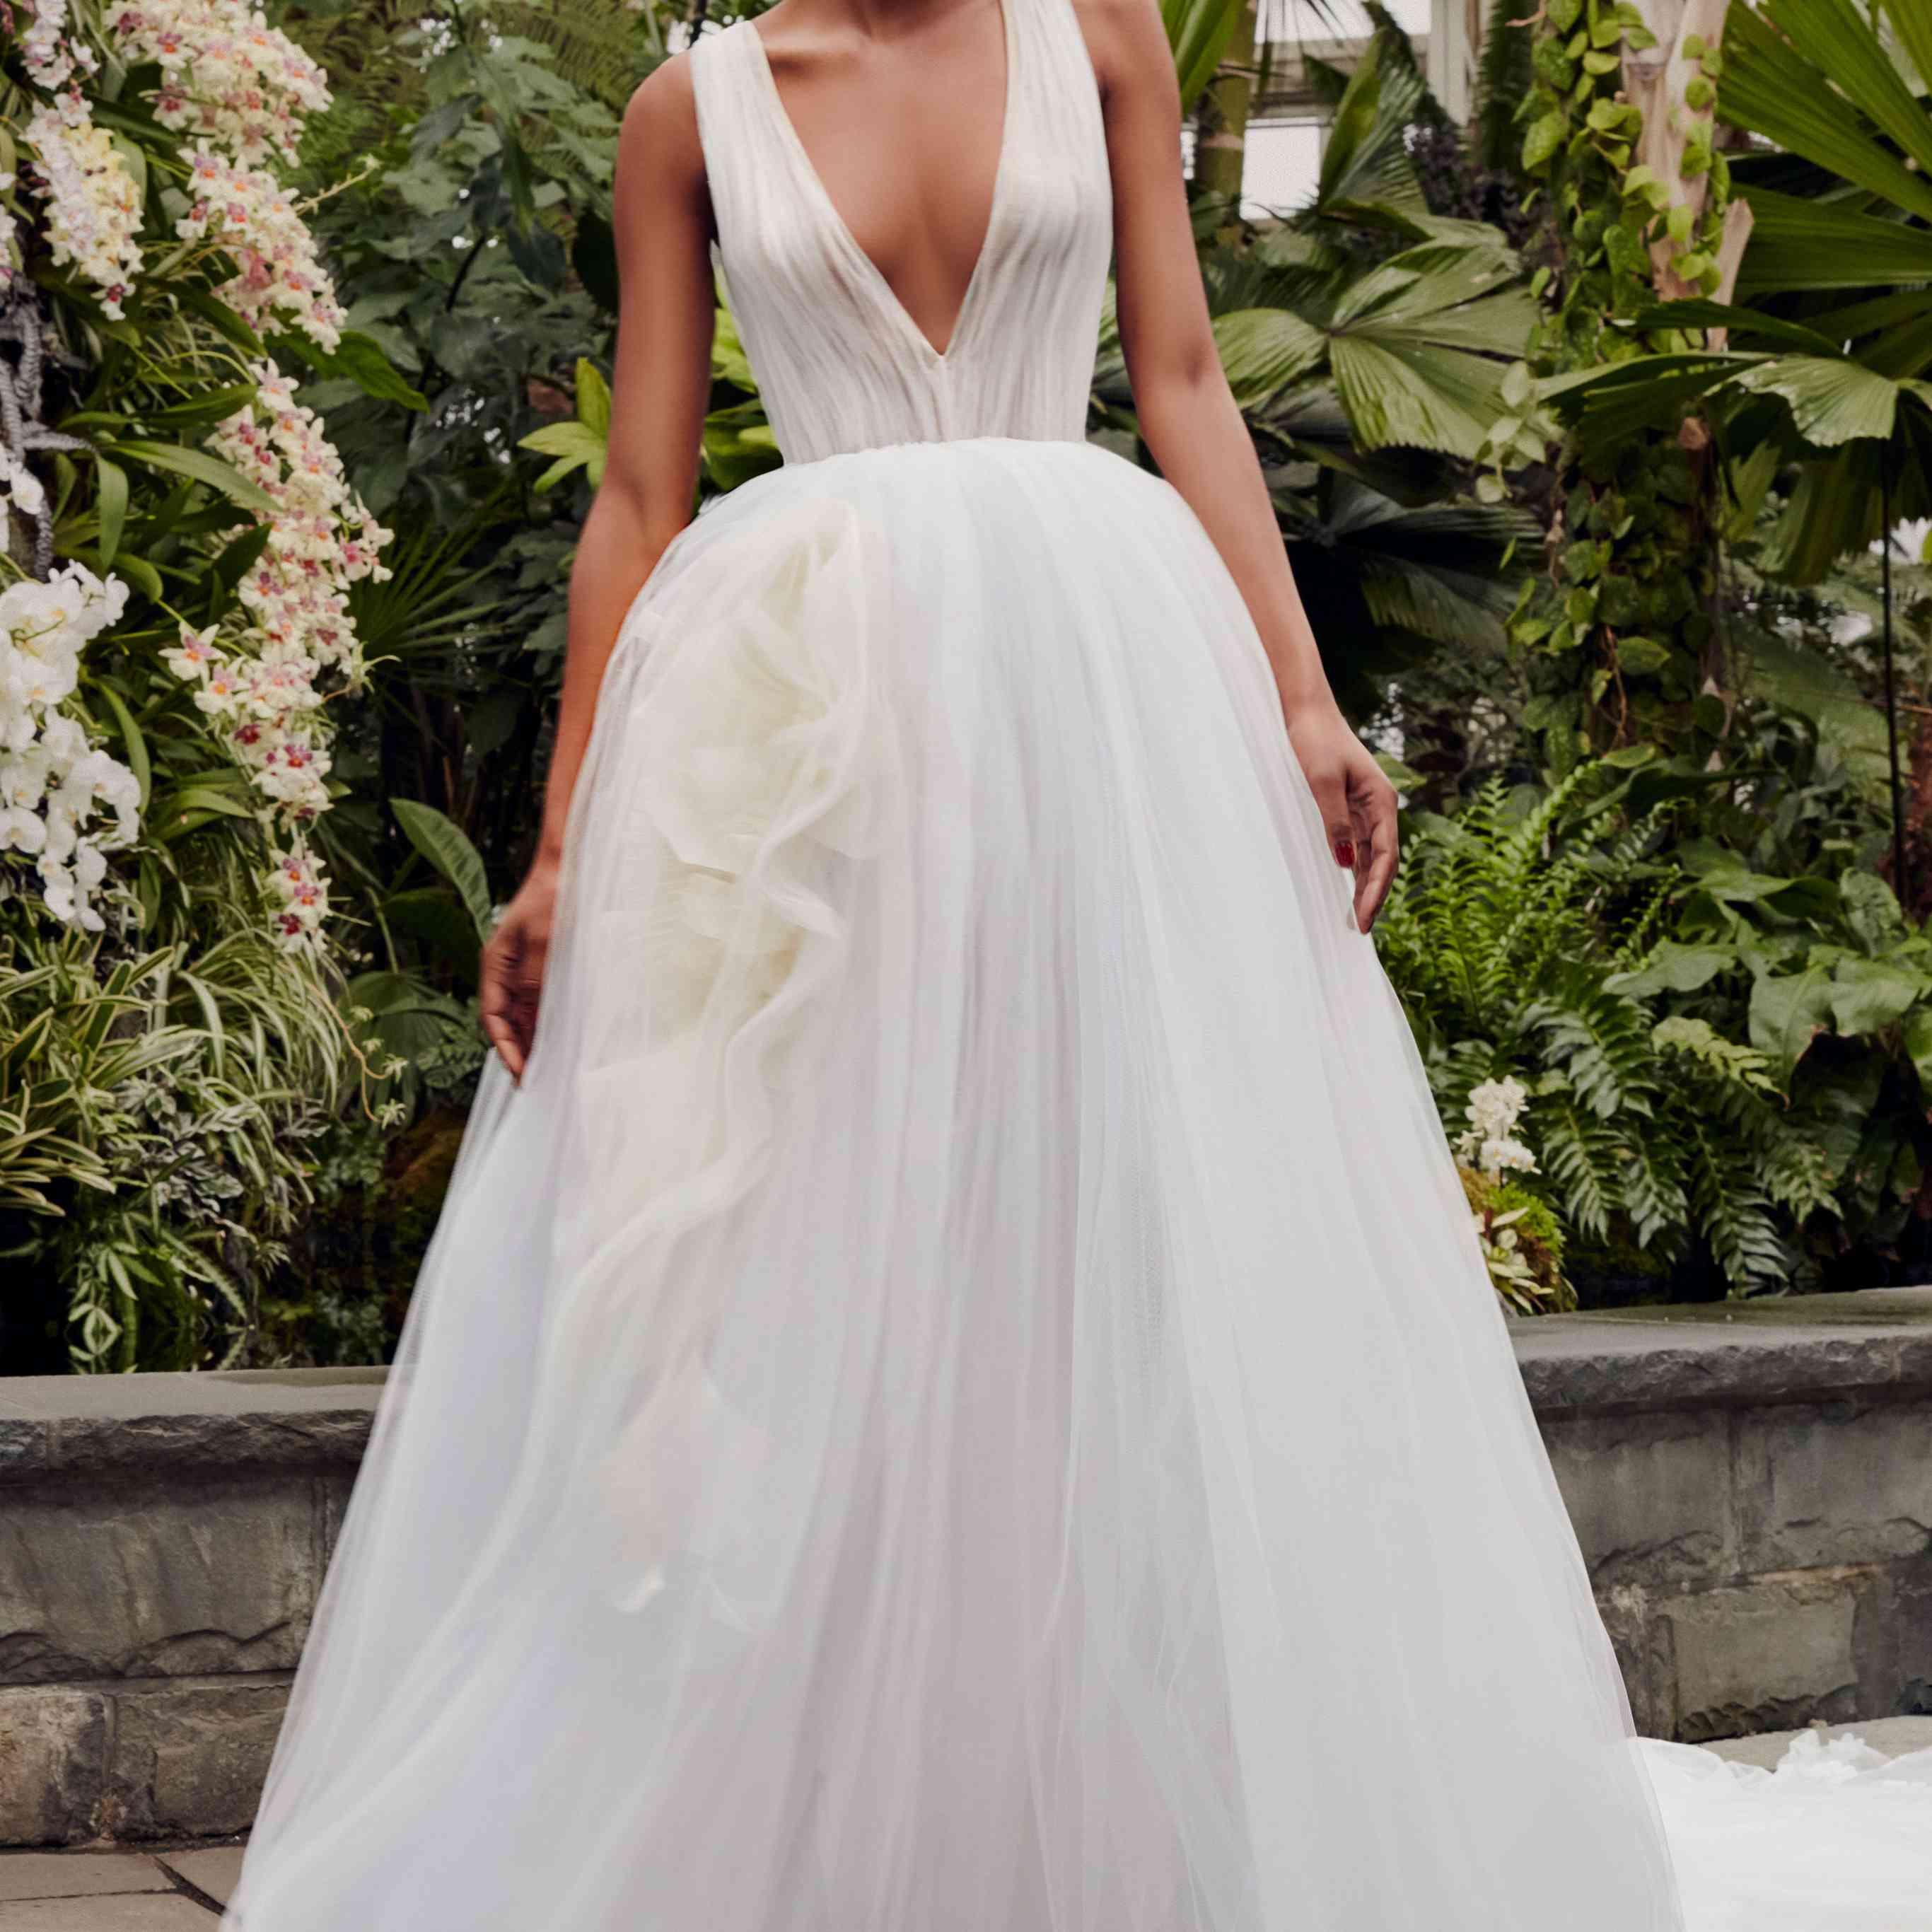 Model in V-neck white tulle ballgown